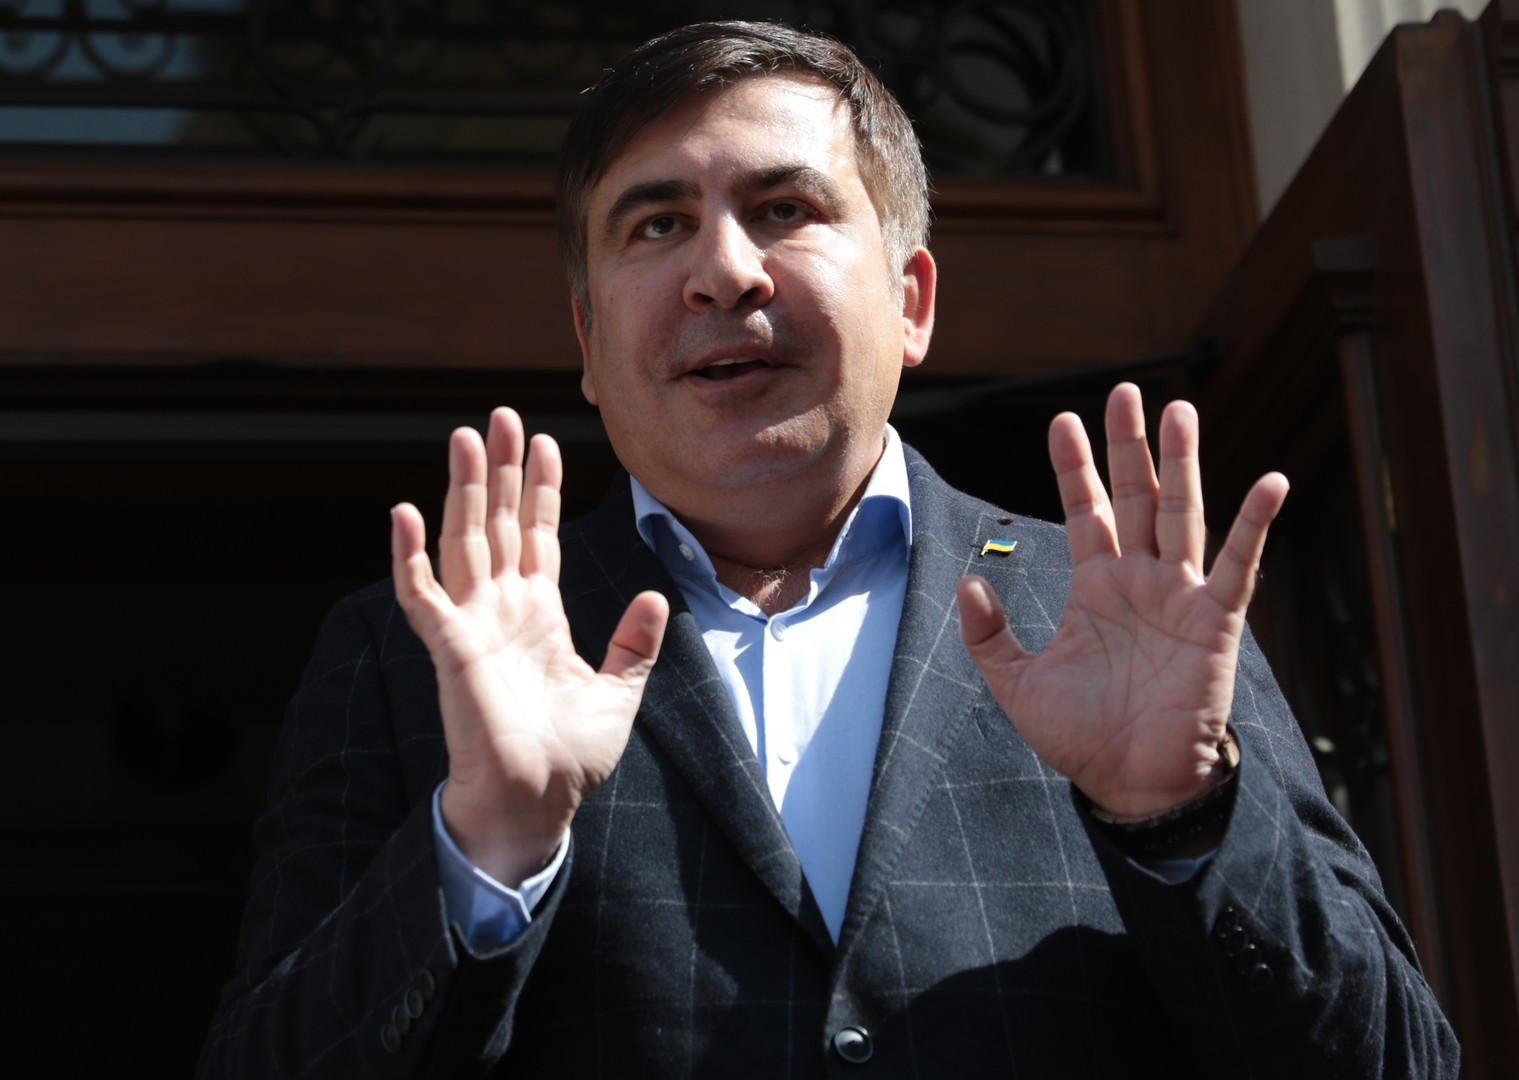 «Без сопротивления и пострадавших»: в Киеве задержан Михаил Саакашвили